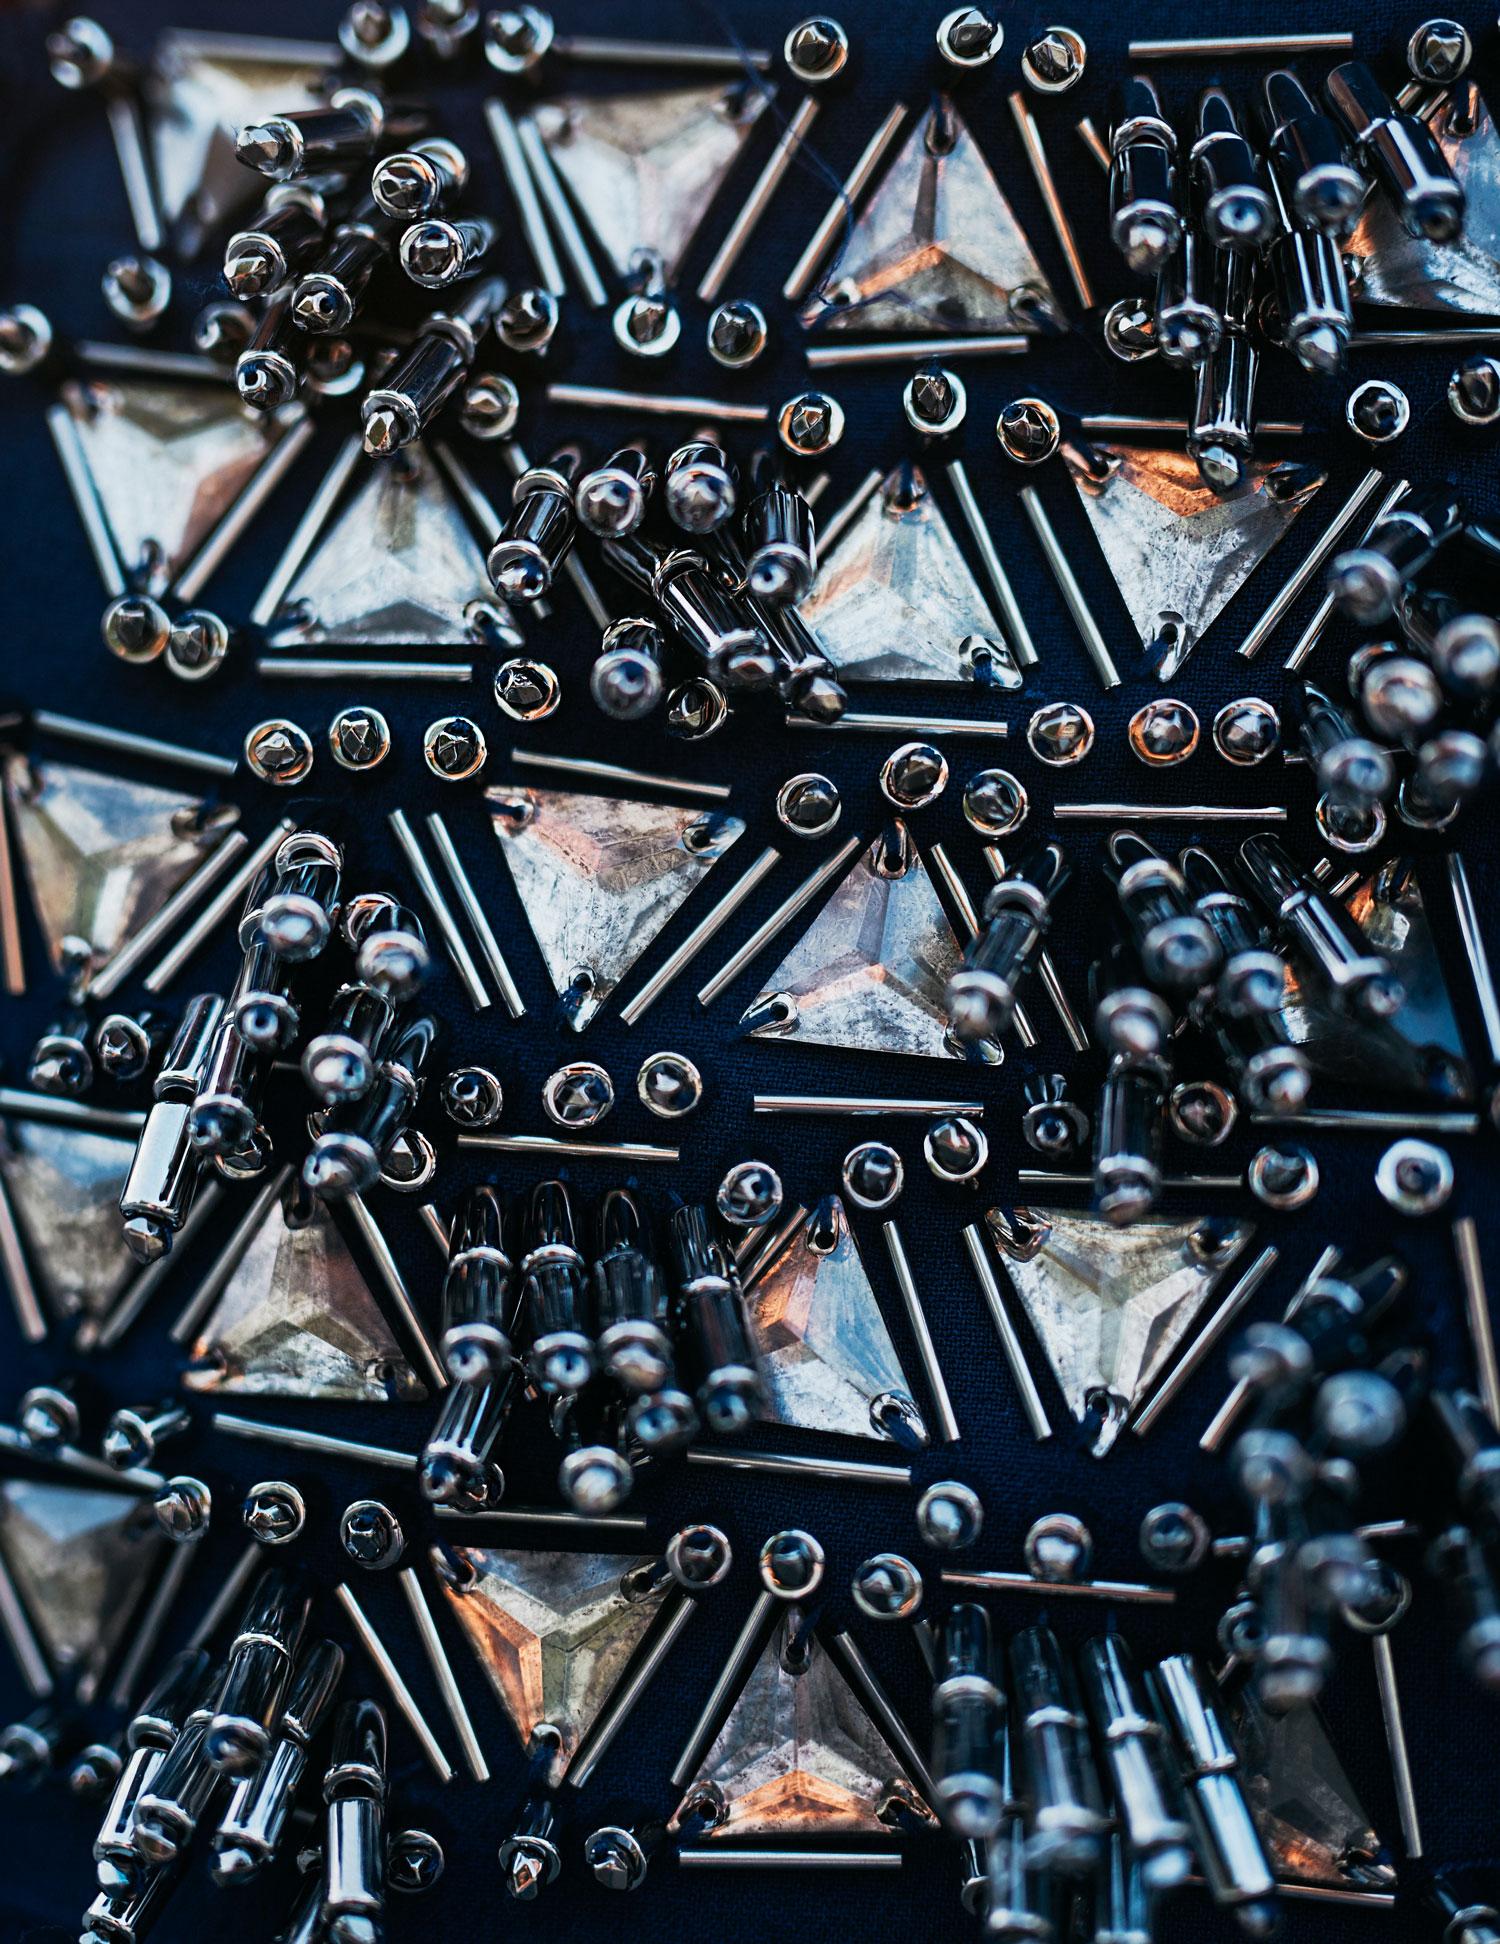 образ в синем| синий, пальто от Malene Birger AW16, пушистая сумка из искусственного меха от Karl Lagerfeld в темно-синем | стиль: повседневный, горячий, сексуальный| мода